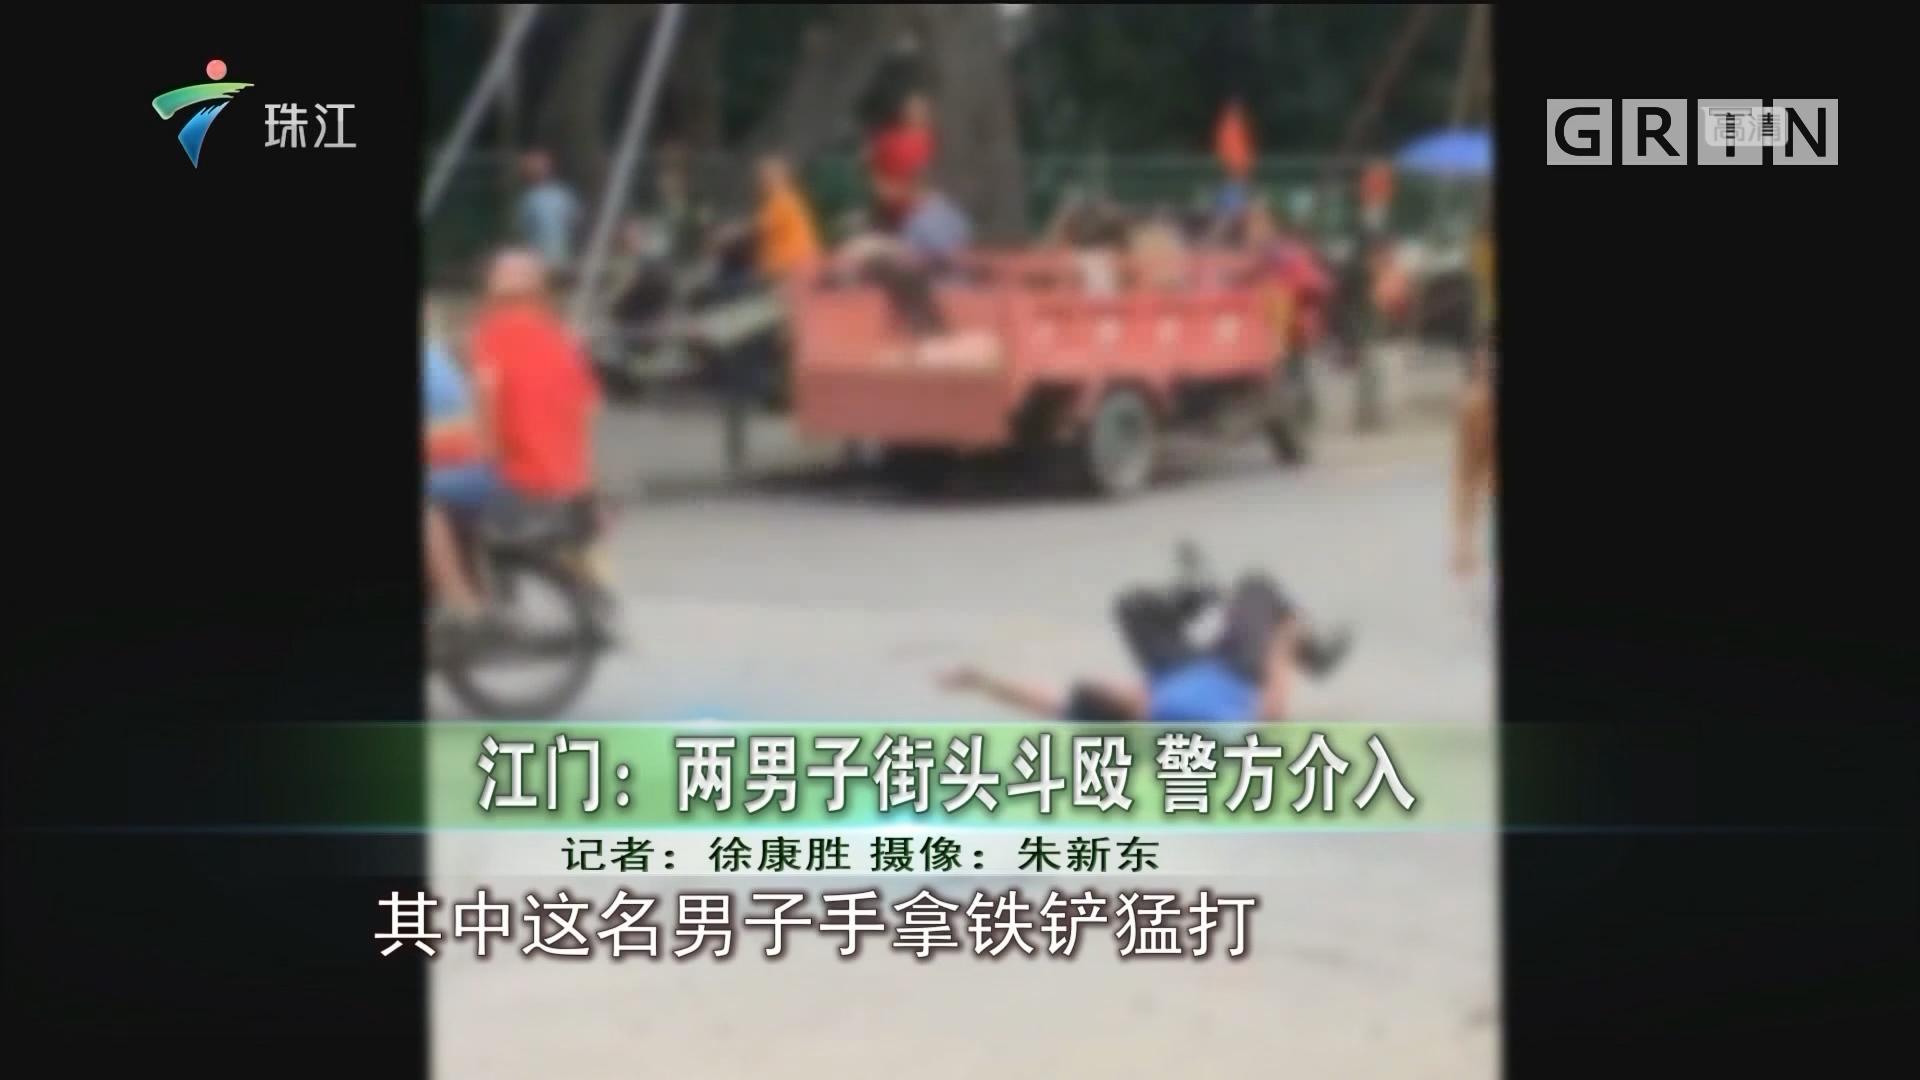 江门:两男子街头斗殴 警方介入